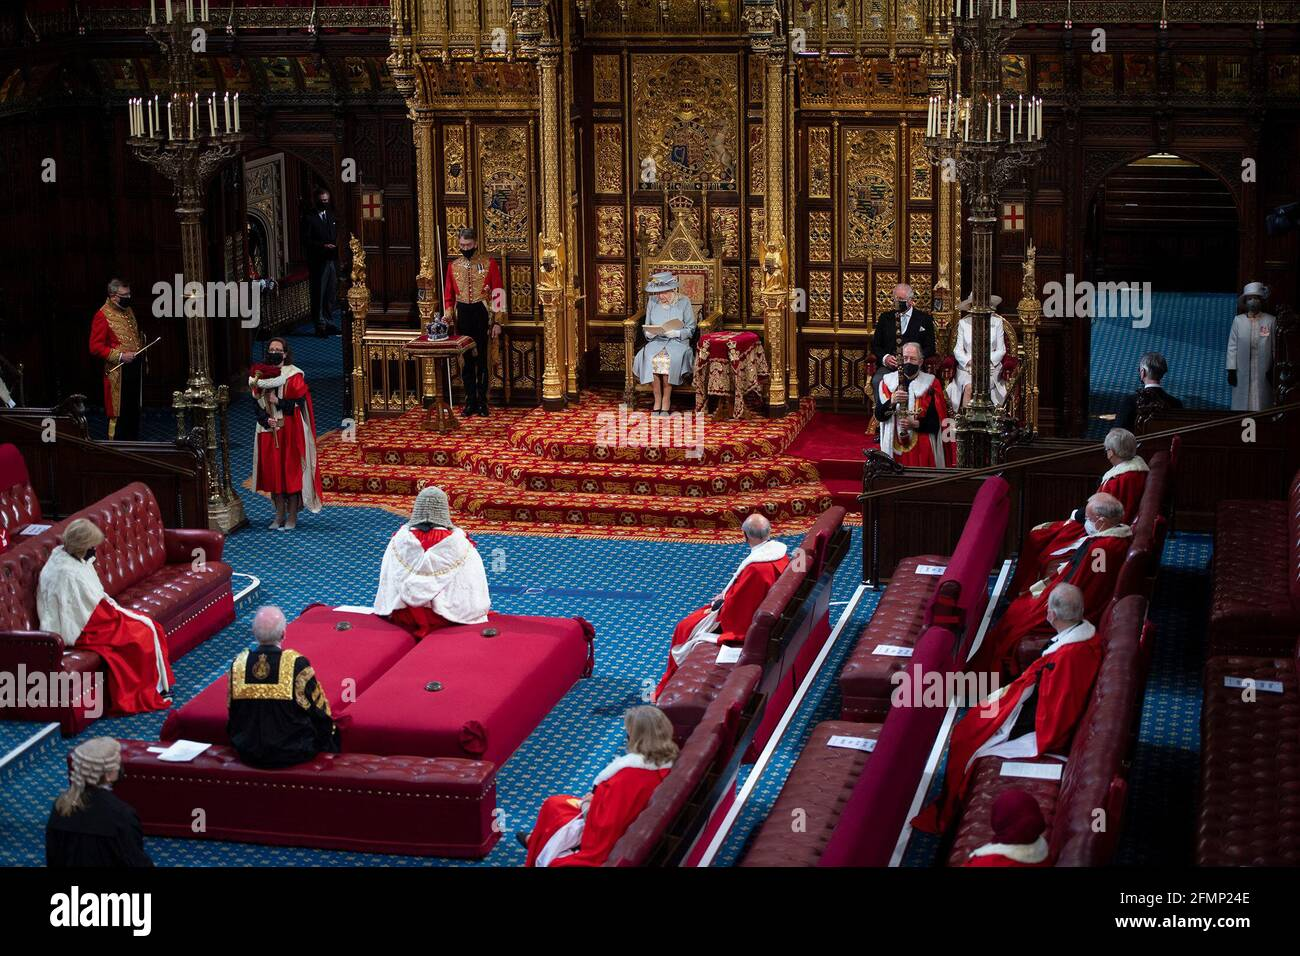 La regina Elisabetta II ha pronunciato un discorso dal trono in House of Lords al Palace of Westminster di Londra mentre descrive il programma legislativo del governo per la prossima sessione durante l'apertura di Stato del Parlamento. Data immagine: Martedì 11 maggio 2021. Foto Stock